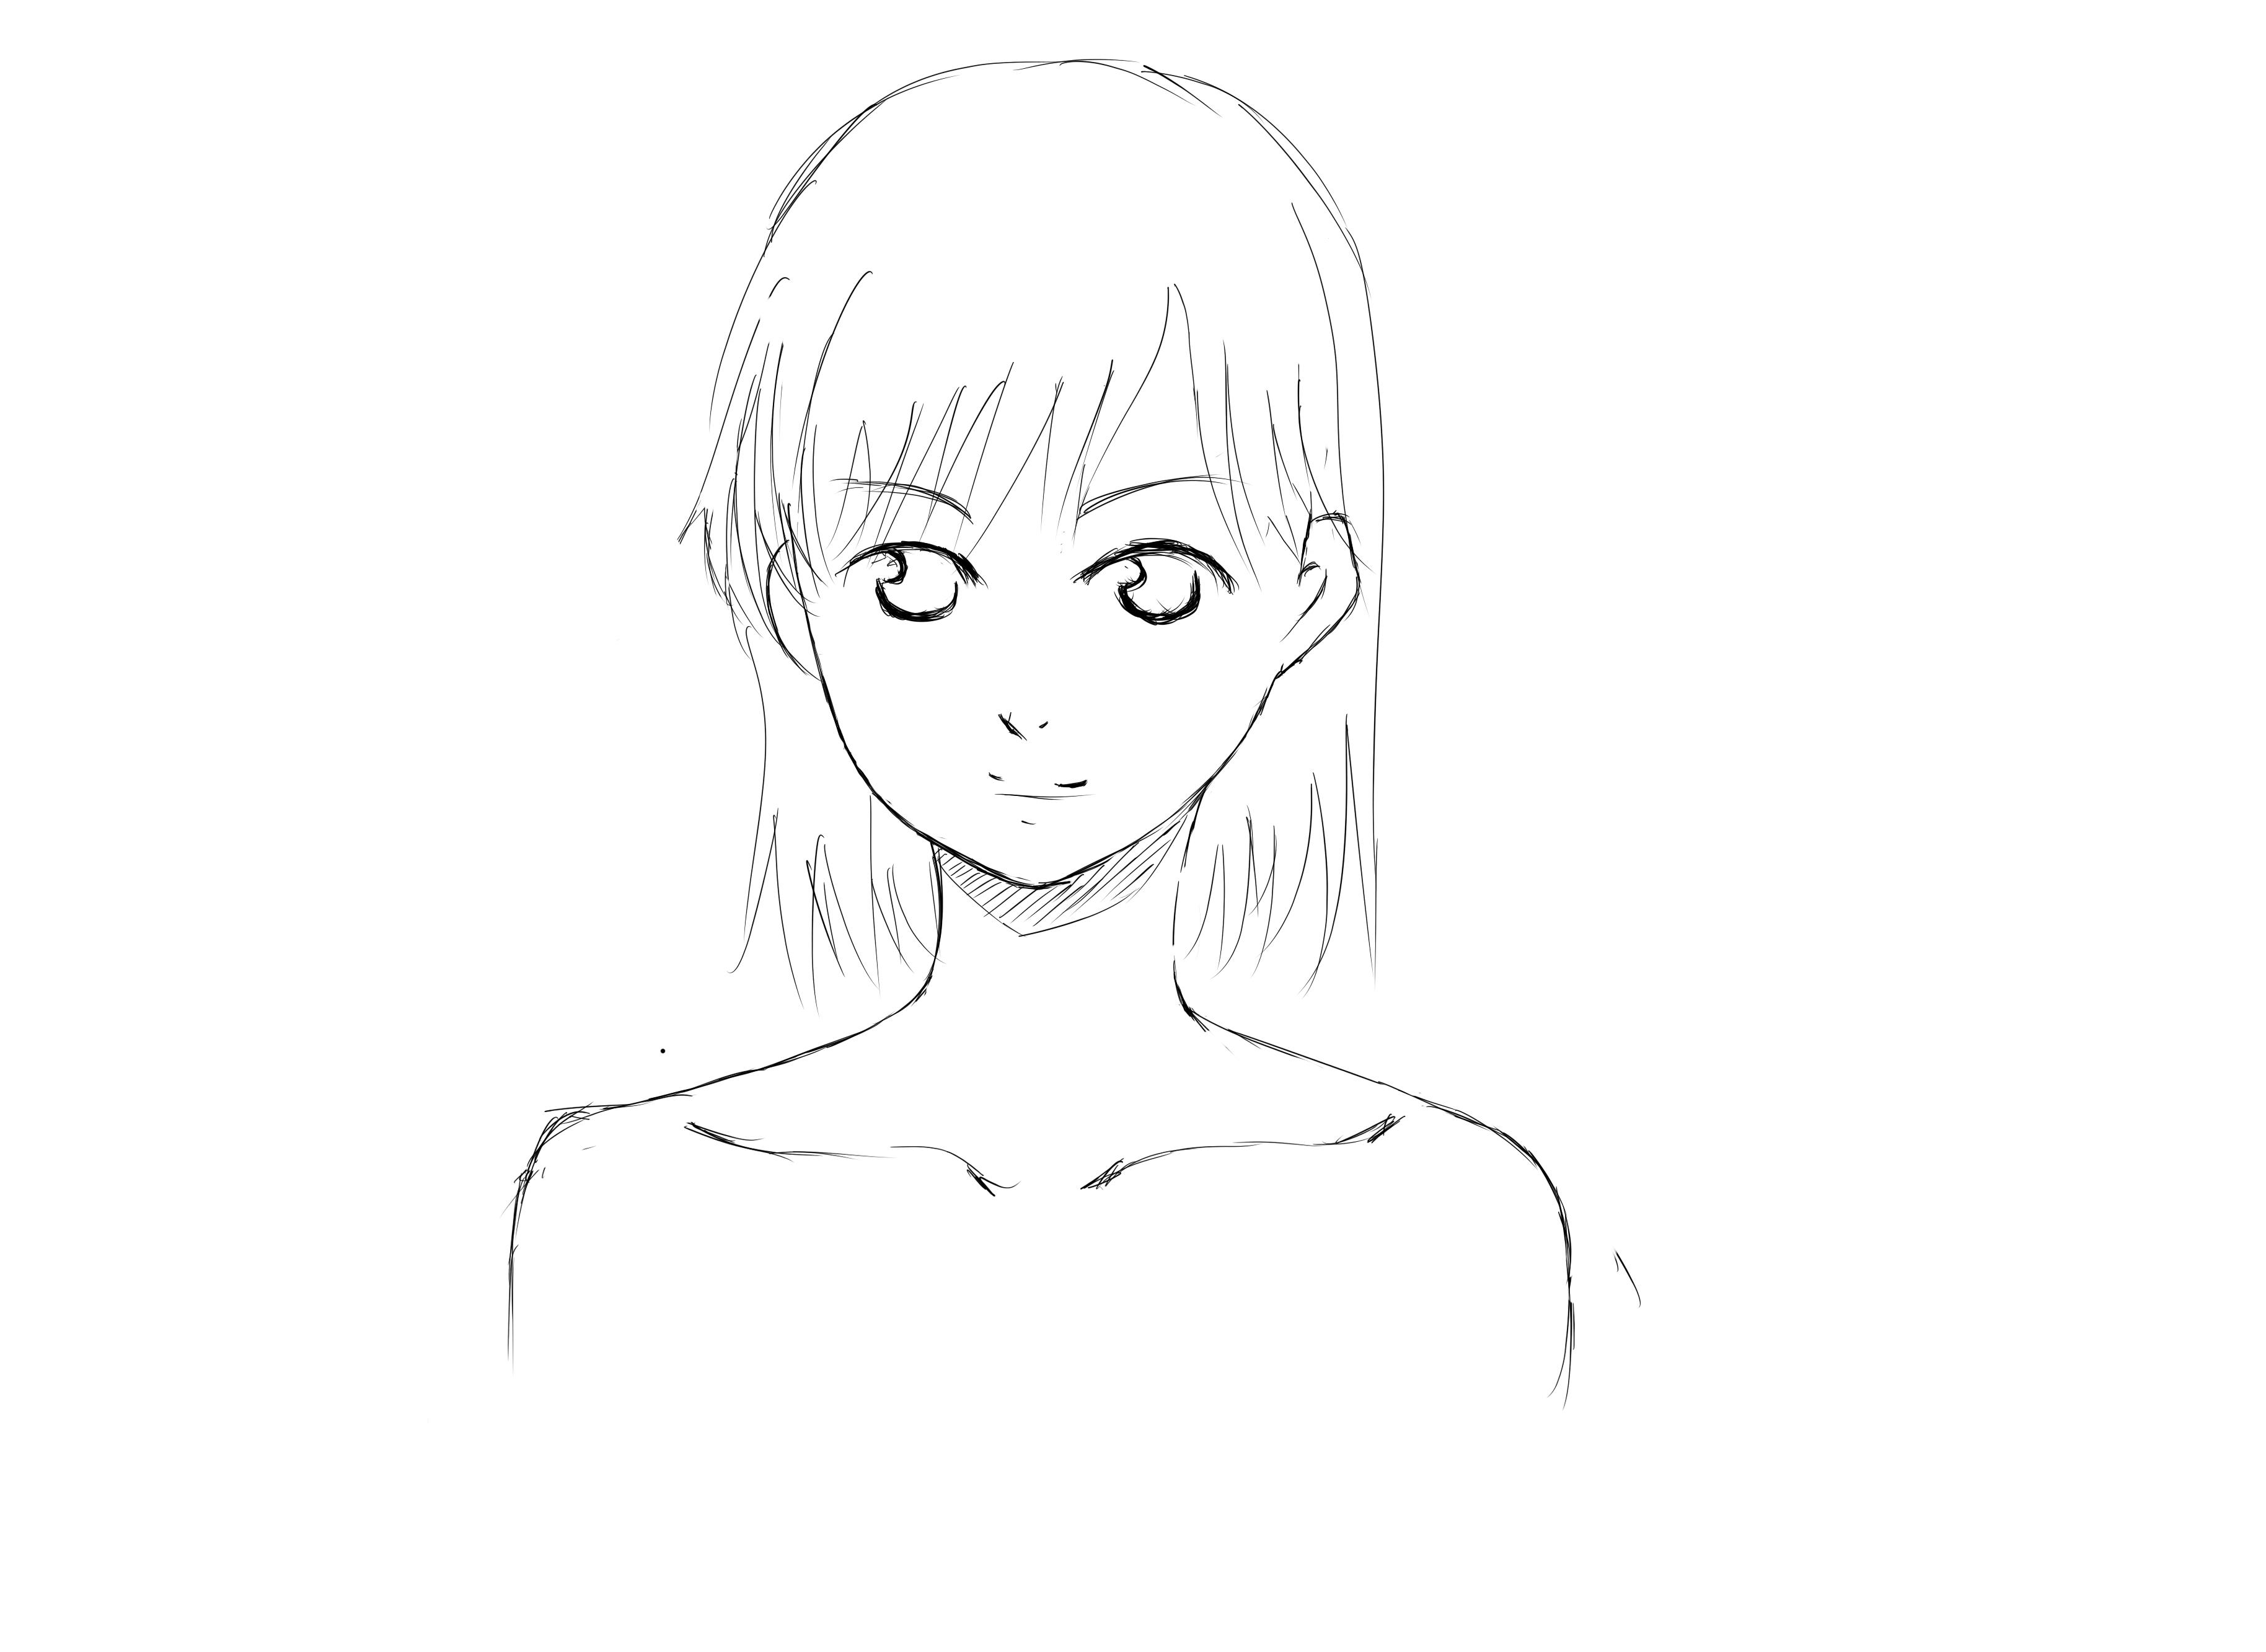 用铅笔绘制的少女头部草稿